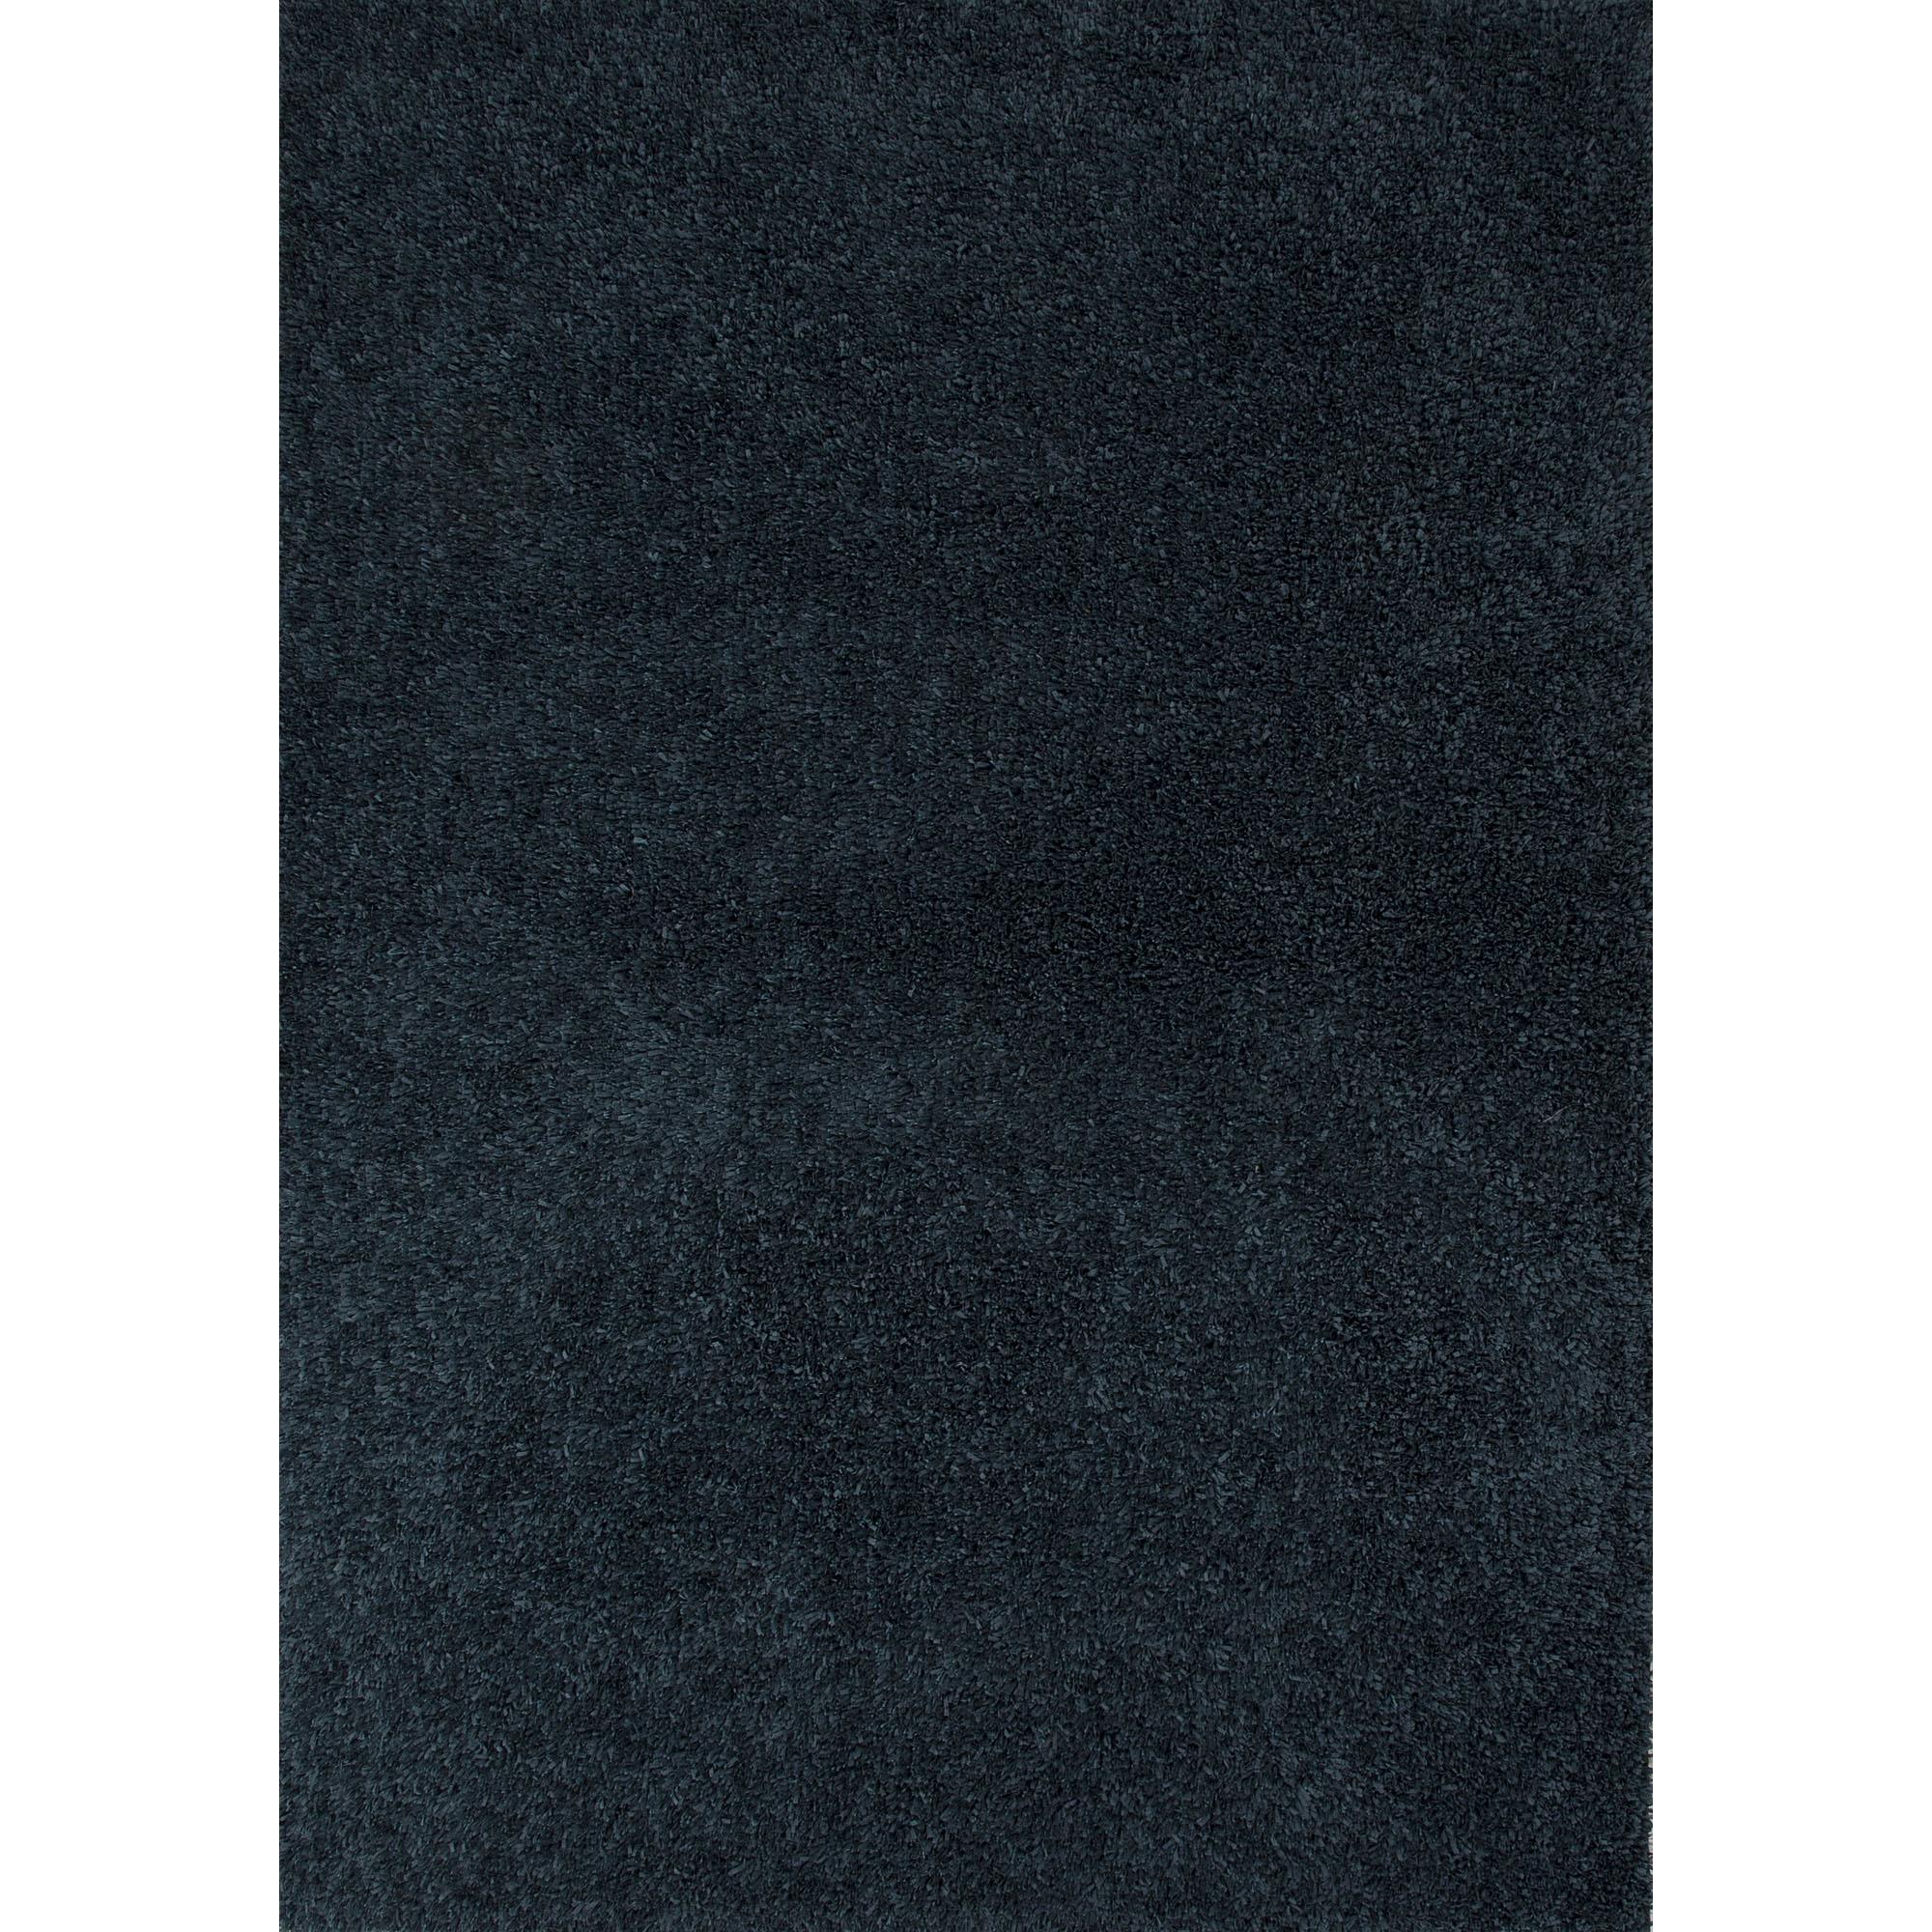 JAIPUR Rugs Cordon 2 x 3 Rug - Item Number: RUG124564